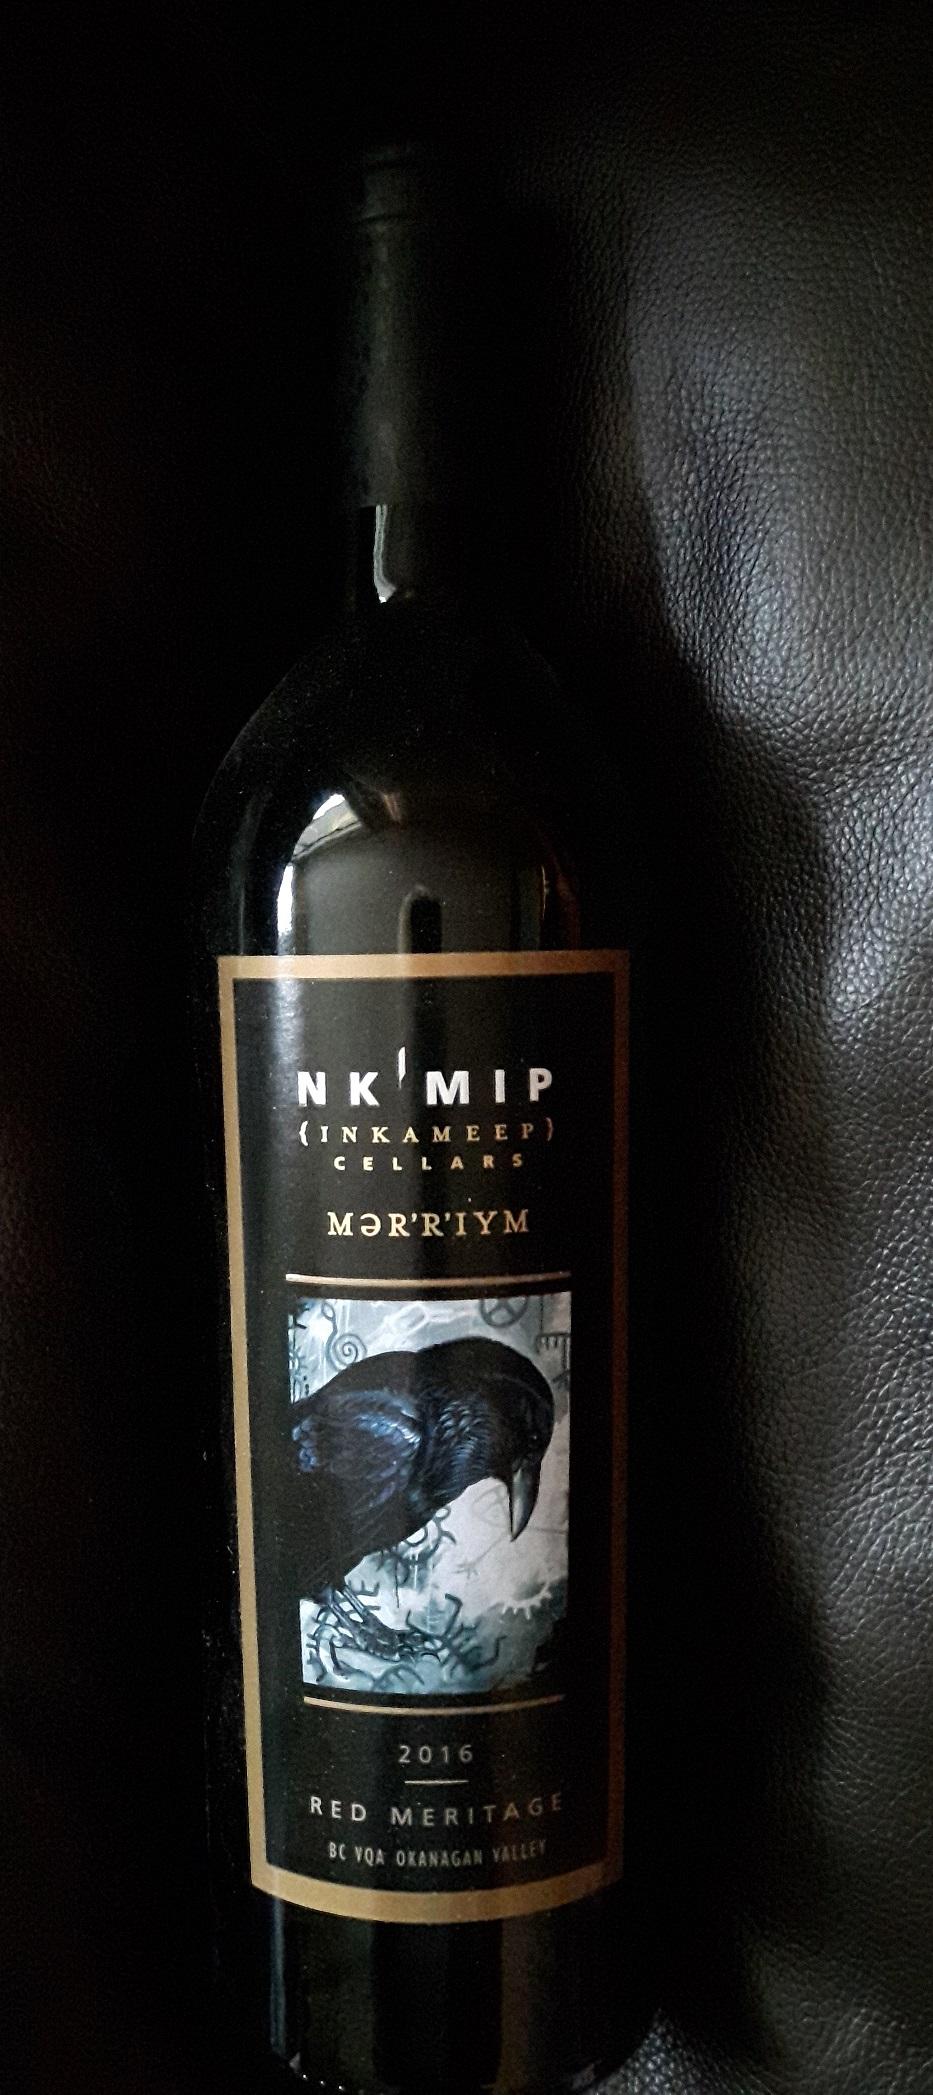 NkMip Merriym 2016 red Meritage